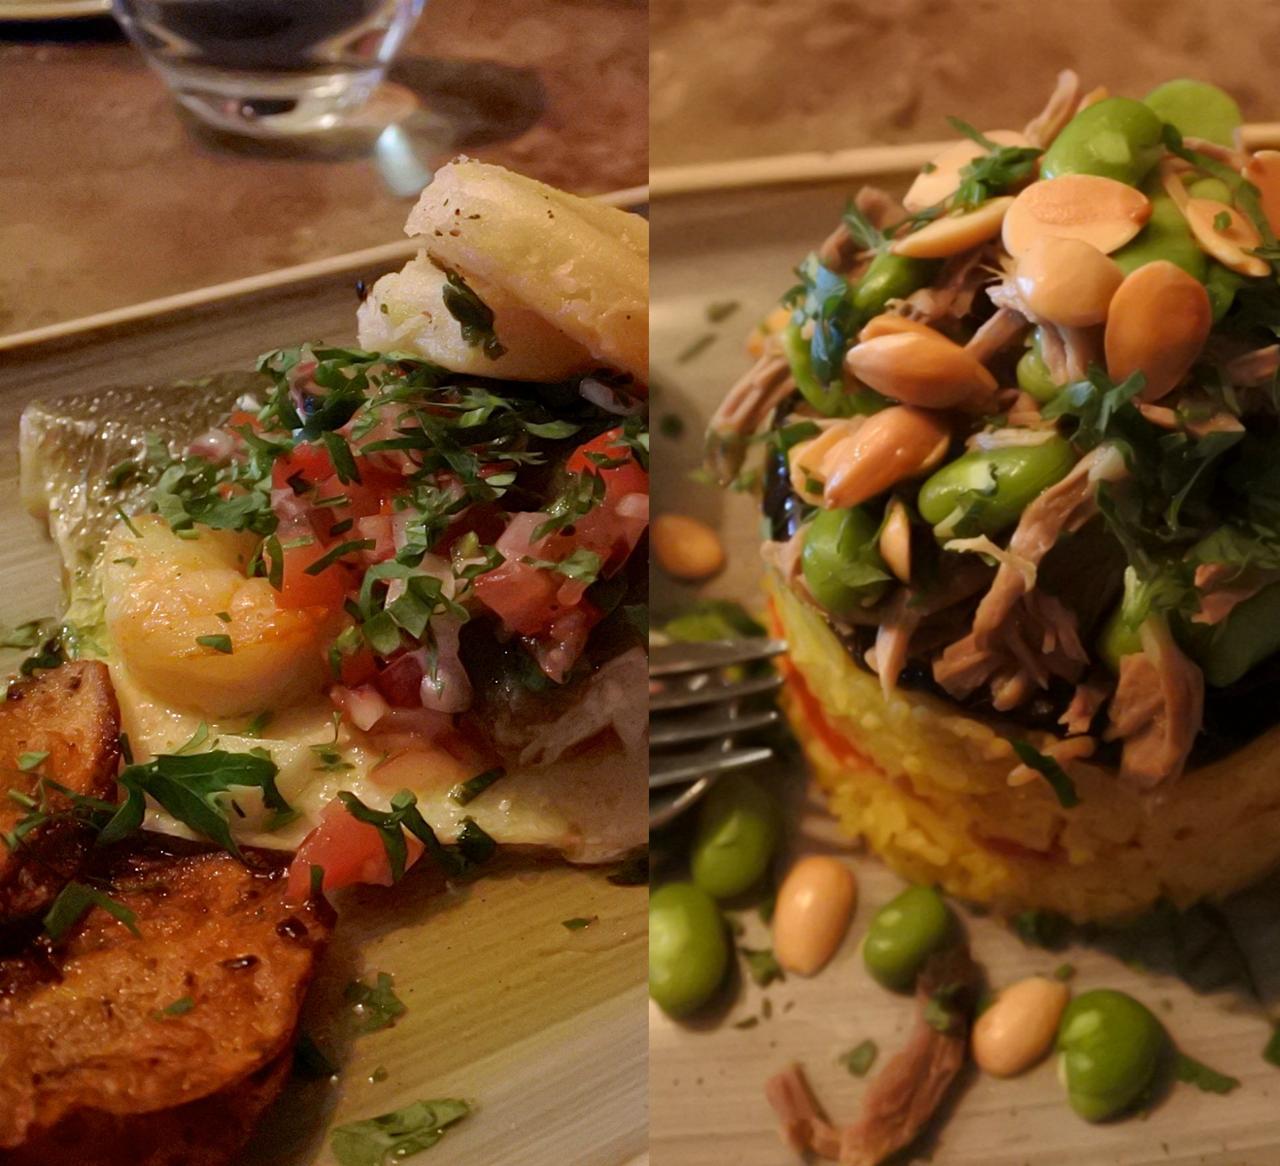 左がシーフードのグリル、右がラム肉のマラクーバ